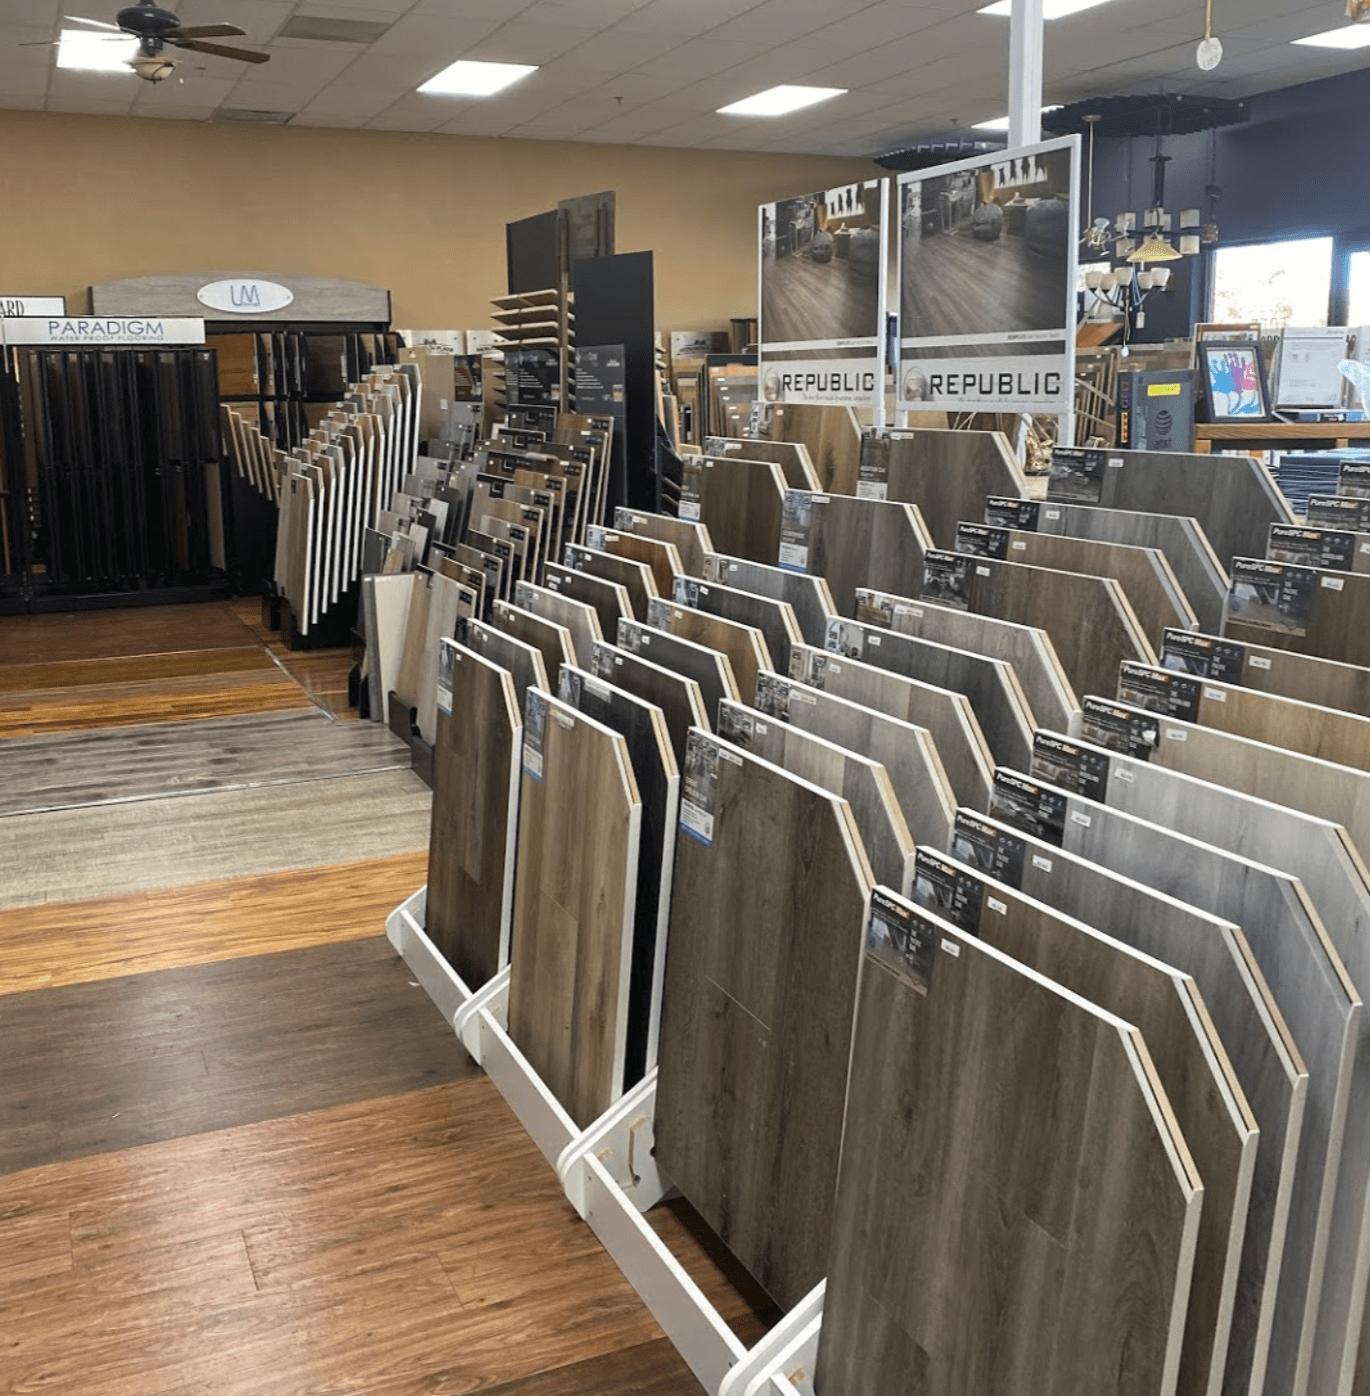 Hardwood flooring in Cloverdale, CA from Carpet Center